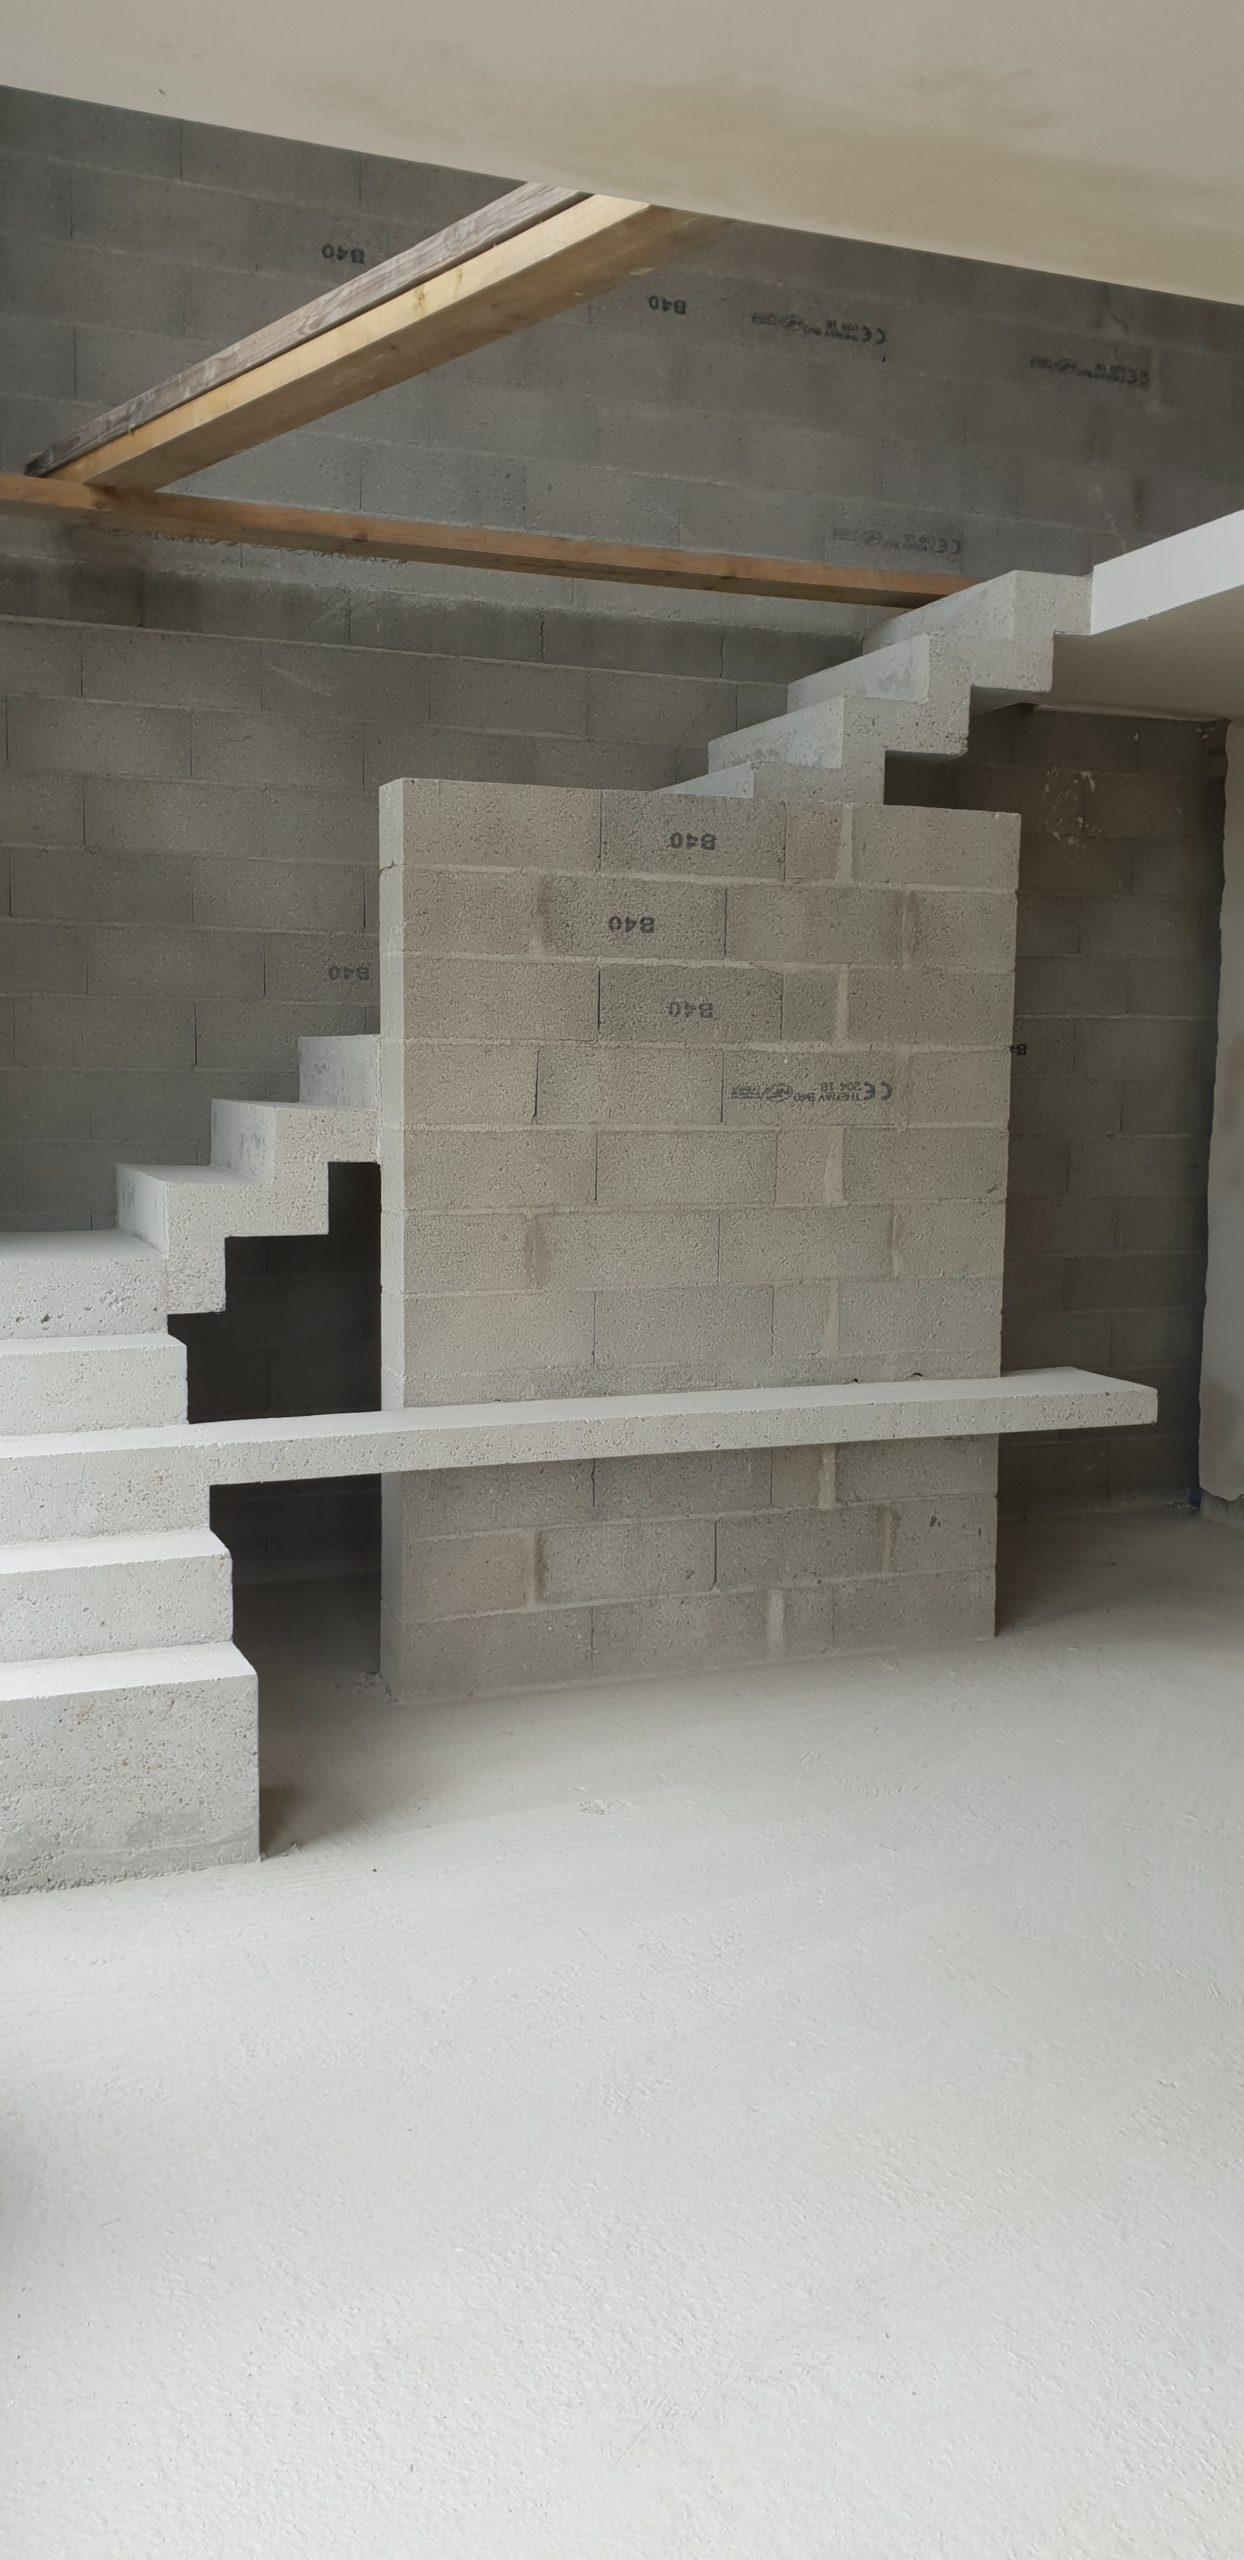 Escalier avec tablette en béton